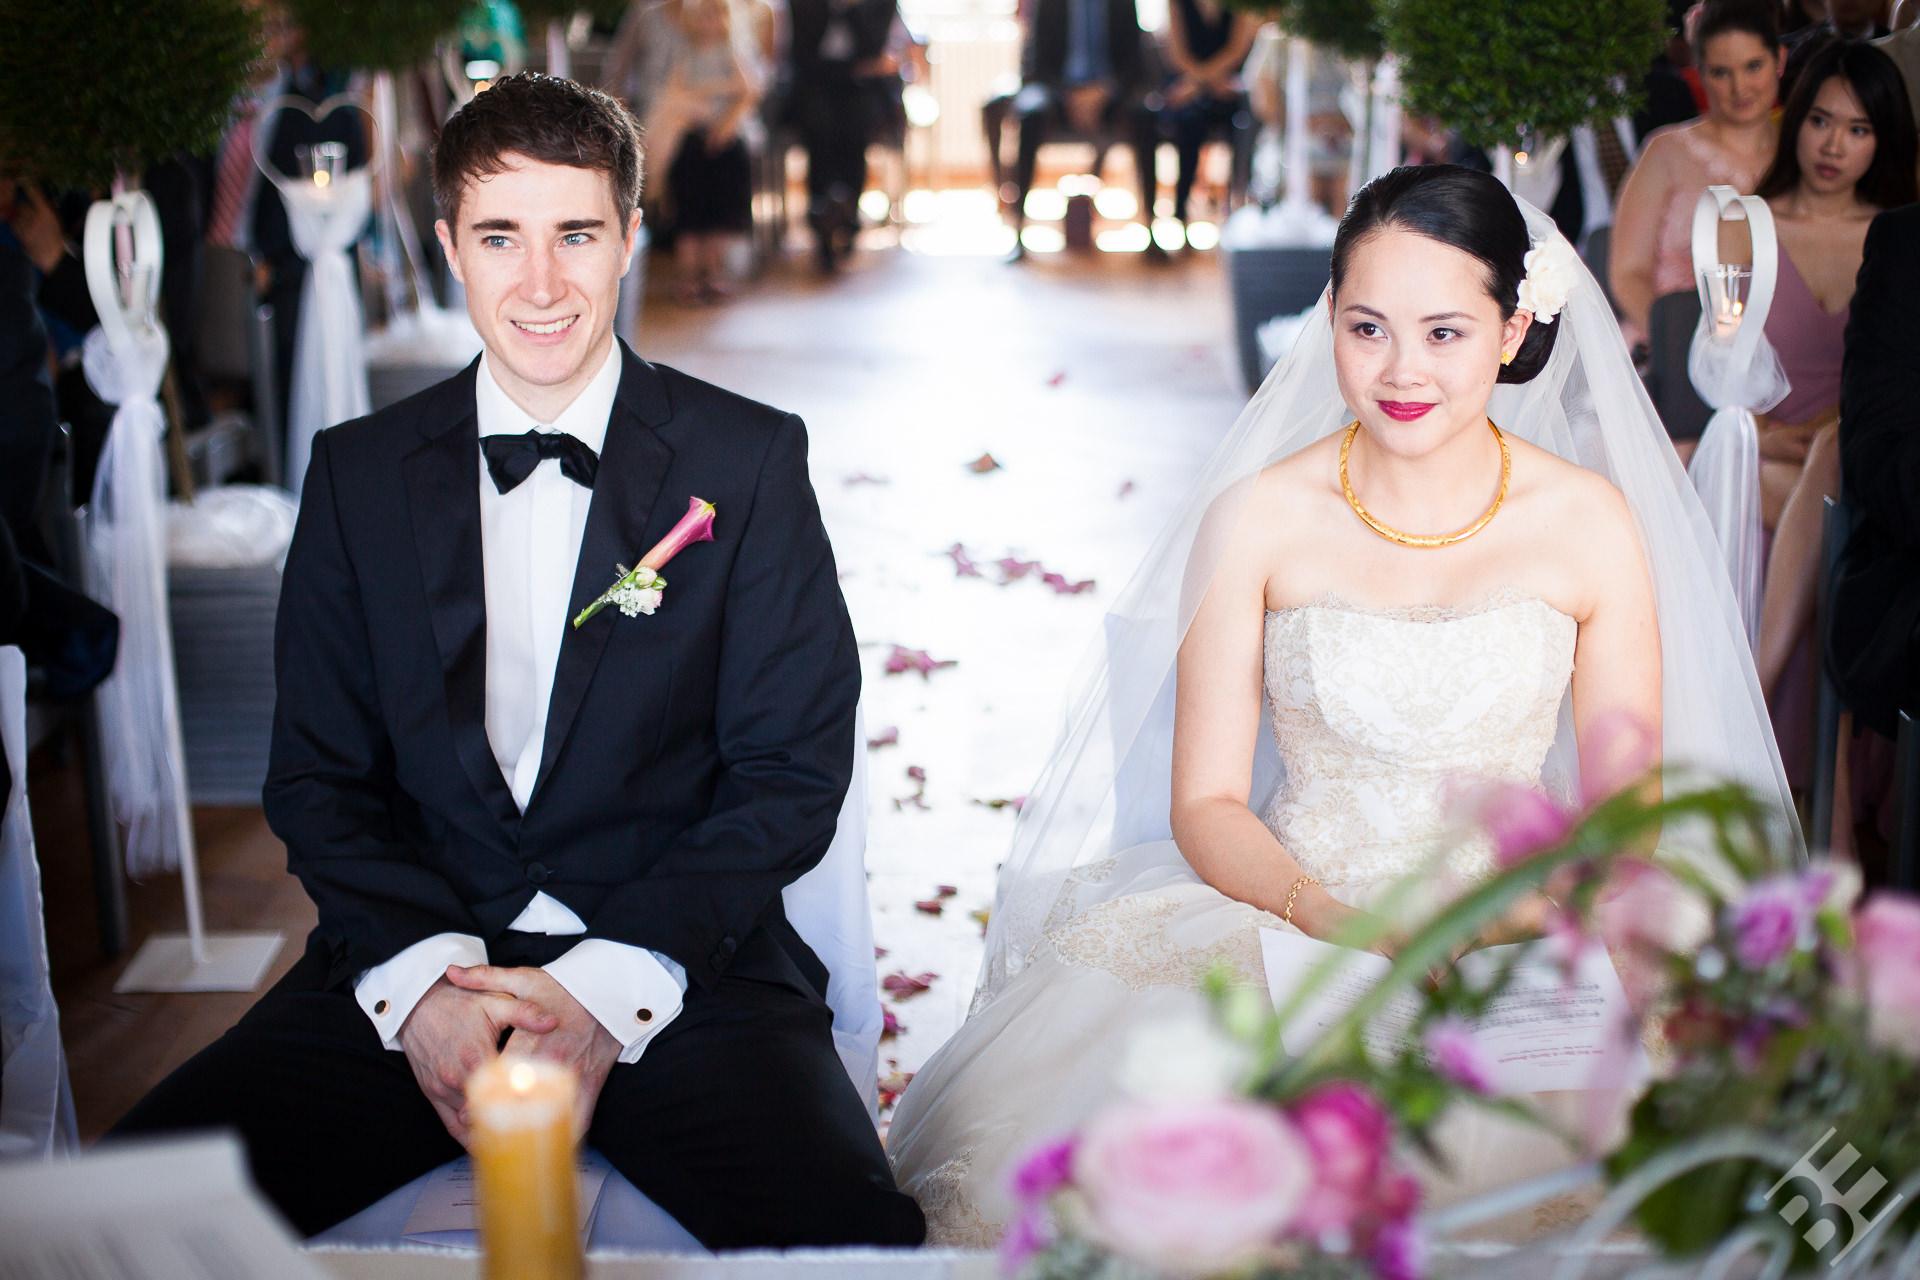 Hochzeit_26_IMG_9268_Volen_Evtimov